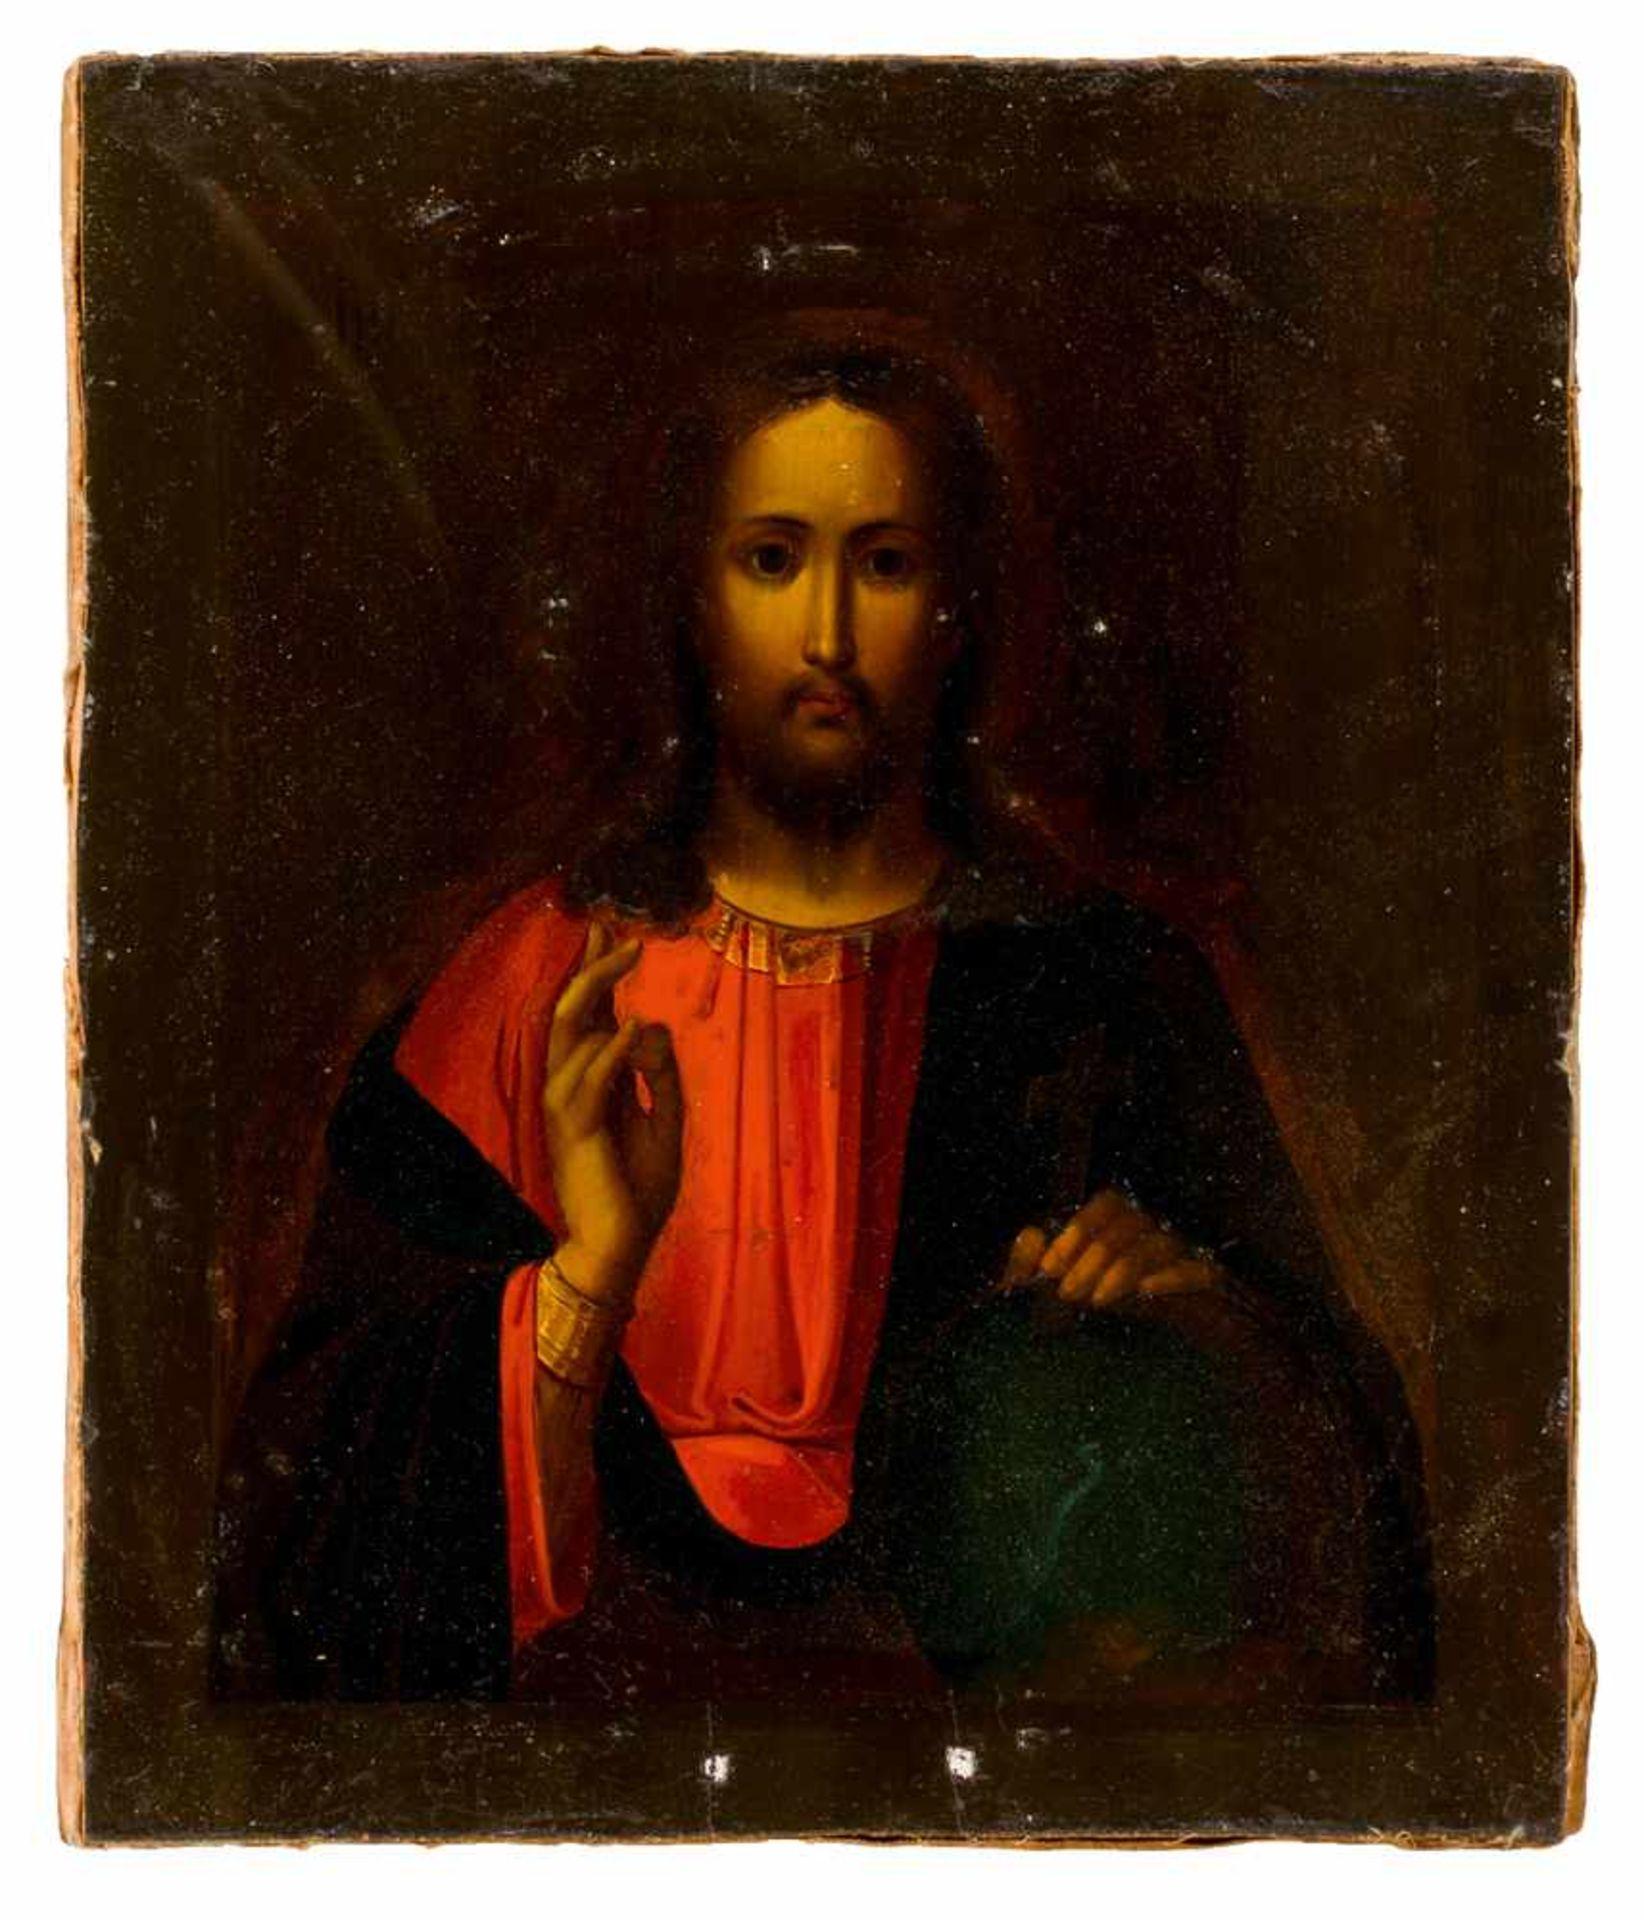 *Christus Pantokrator Russische Ikone, 2. Hälfte 19. Jh., mit Silberoklad (320 g), Moskau 1867 - Bild 4 aus 4